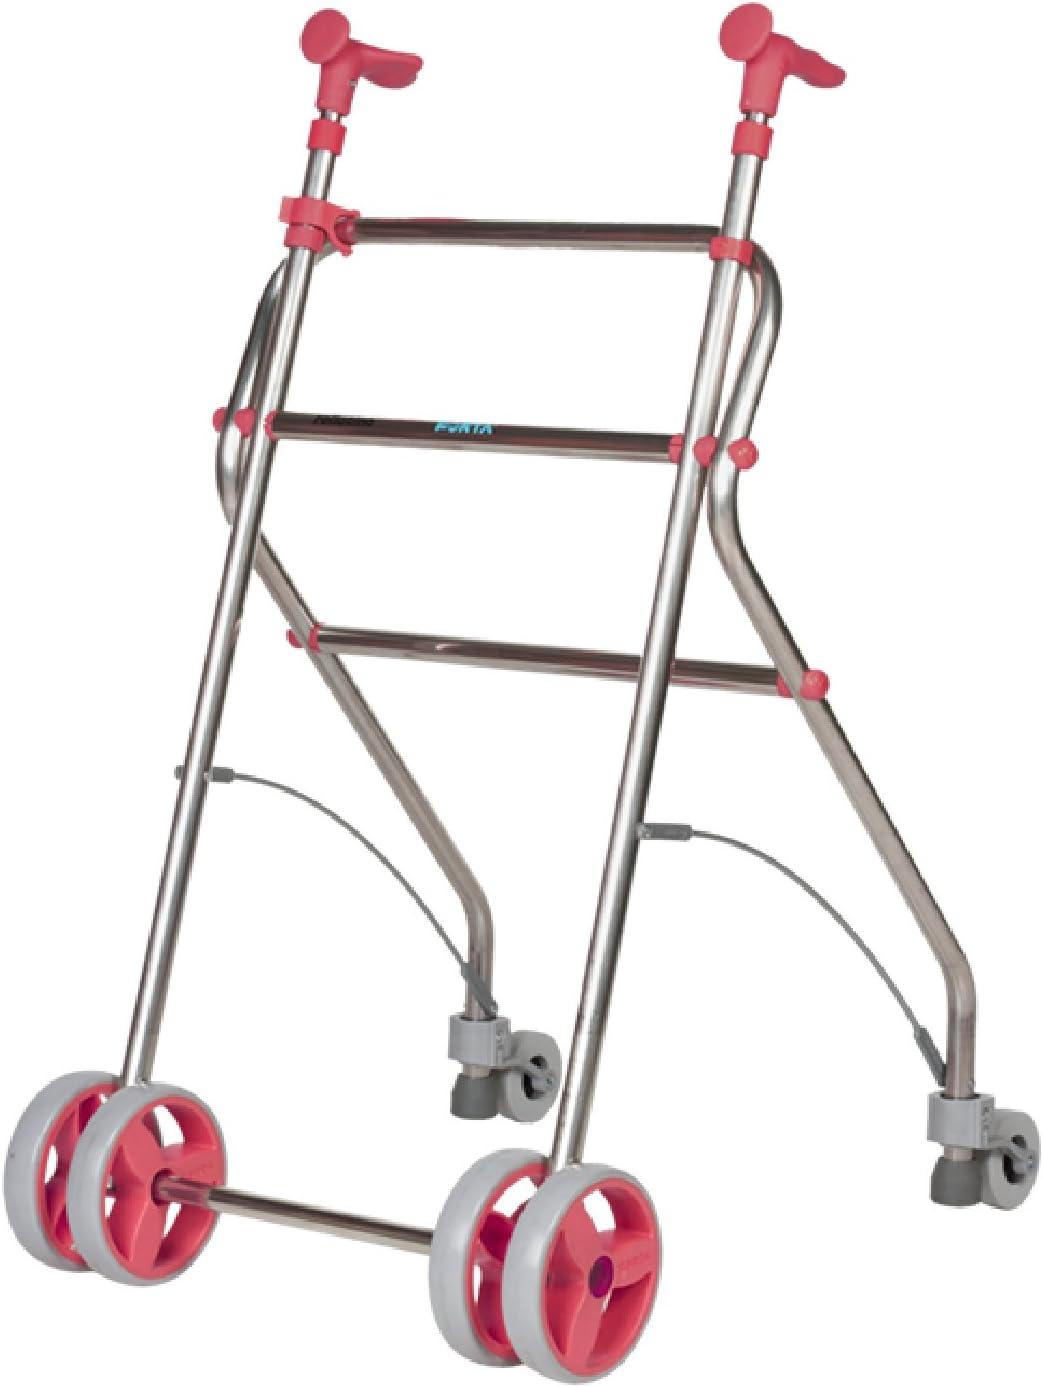 Forta fabricaciones - Andador de aluminio para ancianos Rollatino - Coral